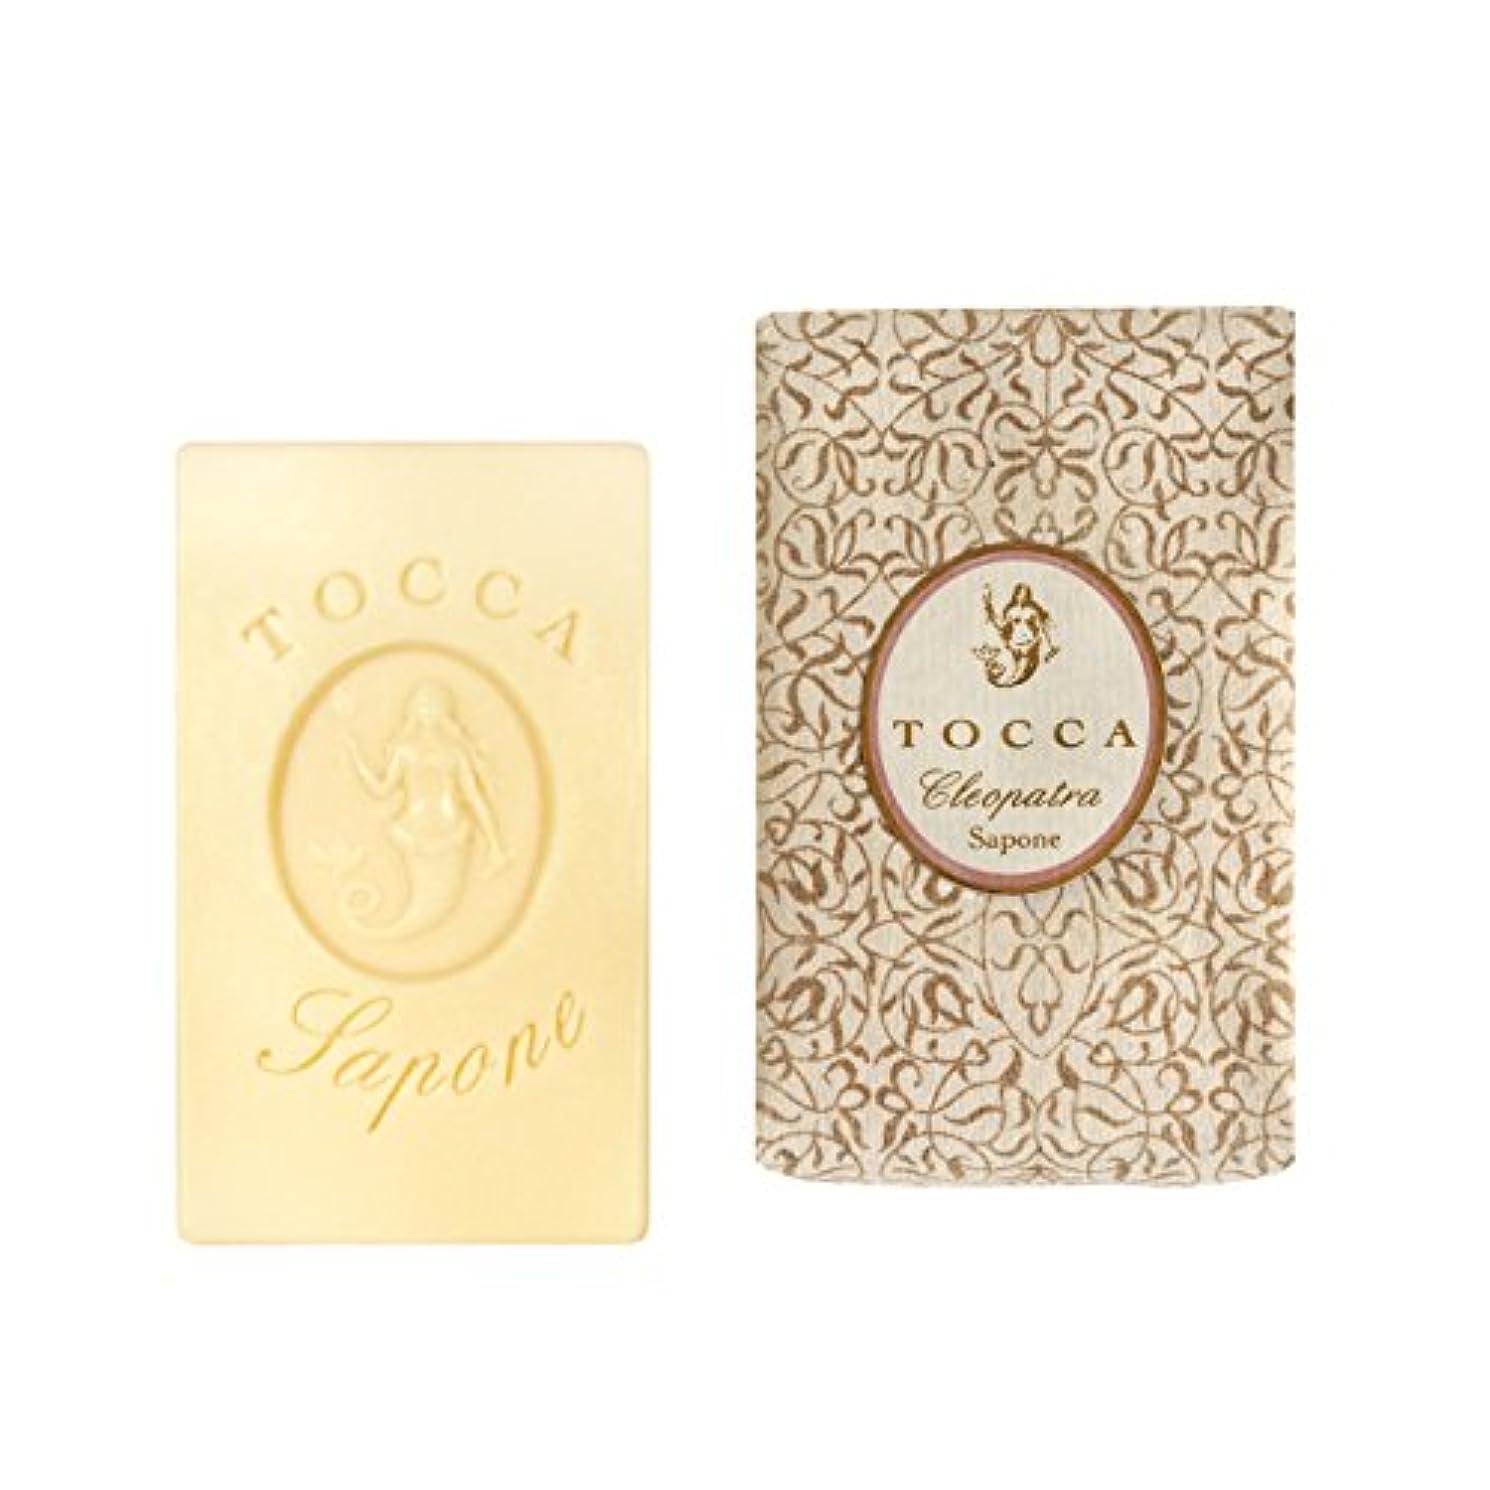 分布強化する壁紙トッカ(TOCCA) ソープバー クレオパトラの香り 113g(石けん 化粧石けん グレープフルーツとキューカンバーのフレッシュでクリーンな香り)